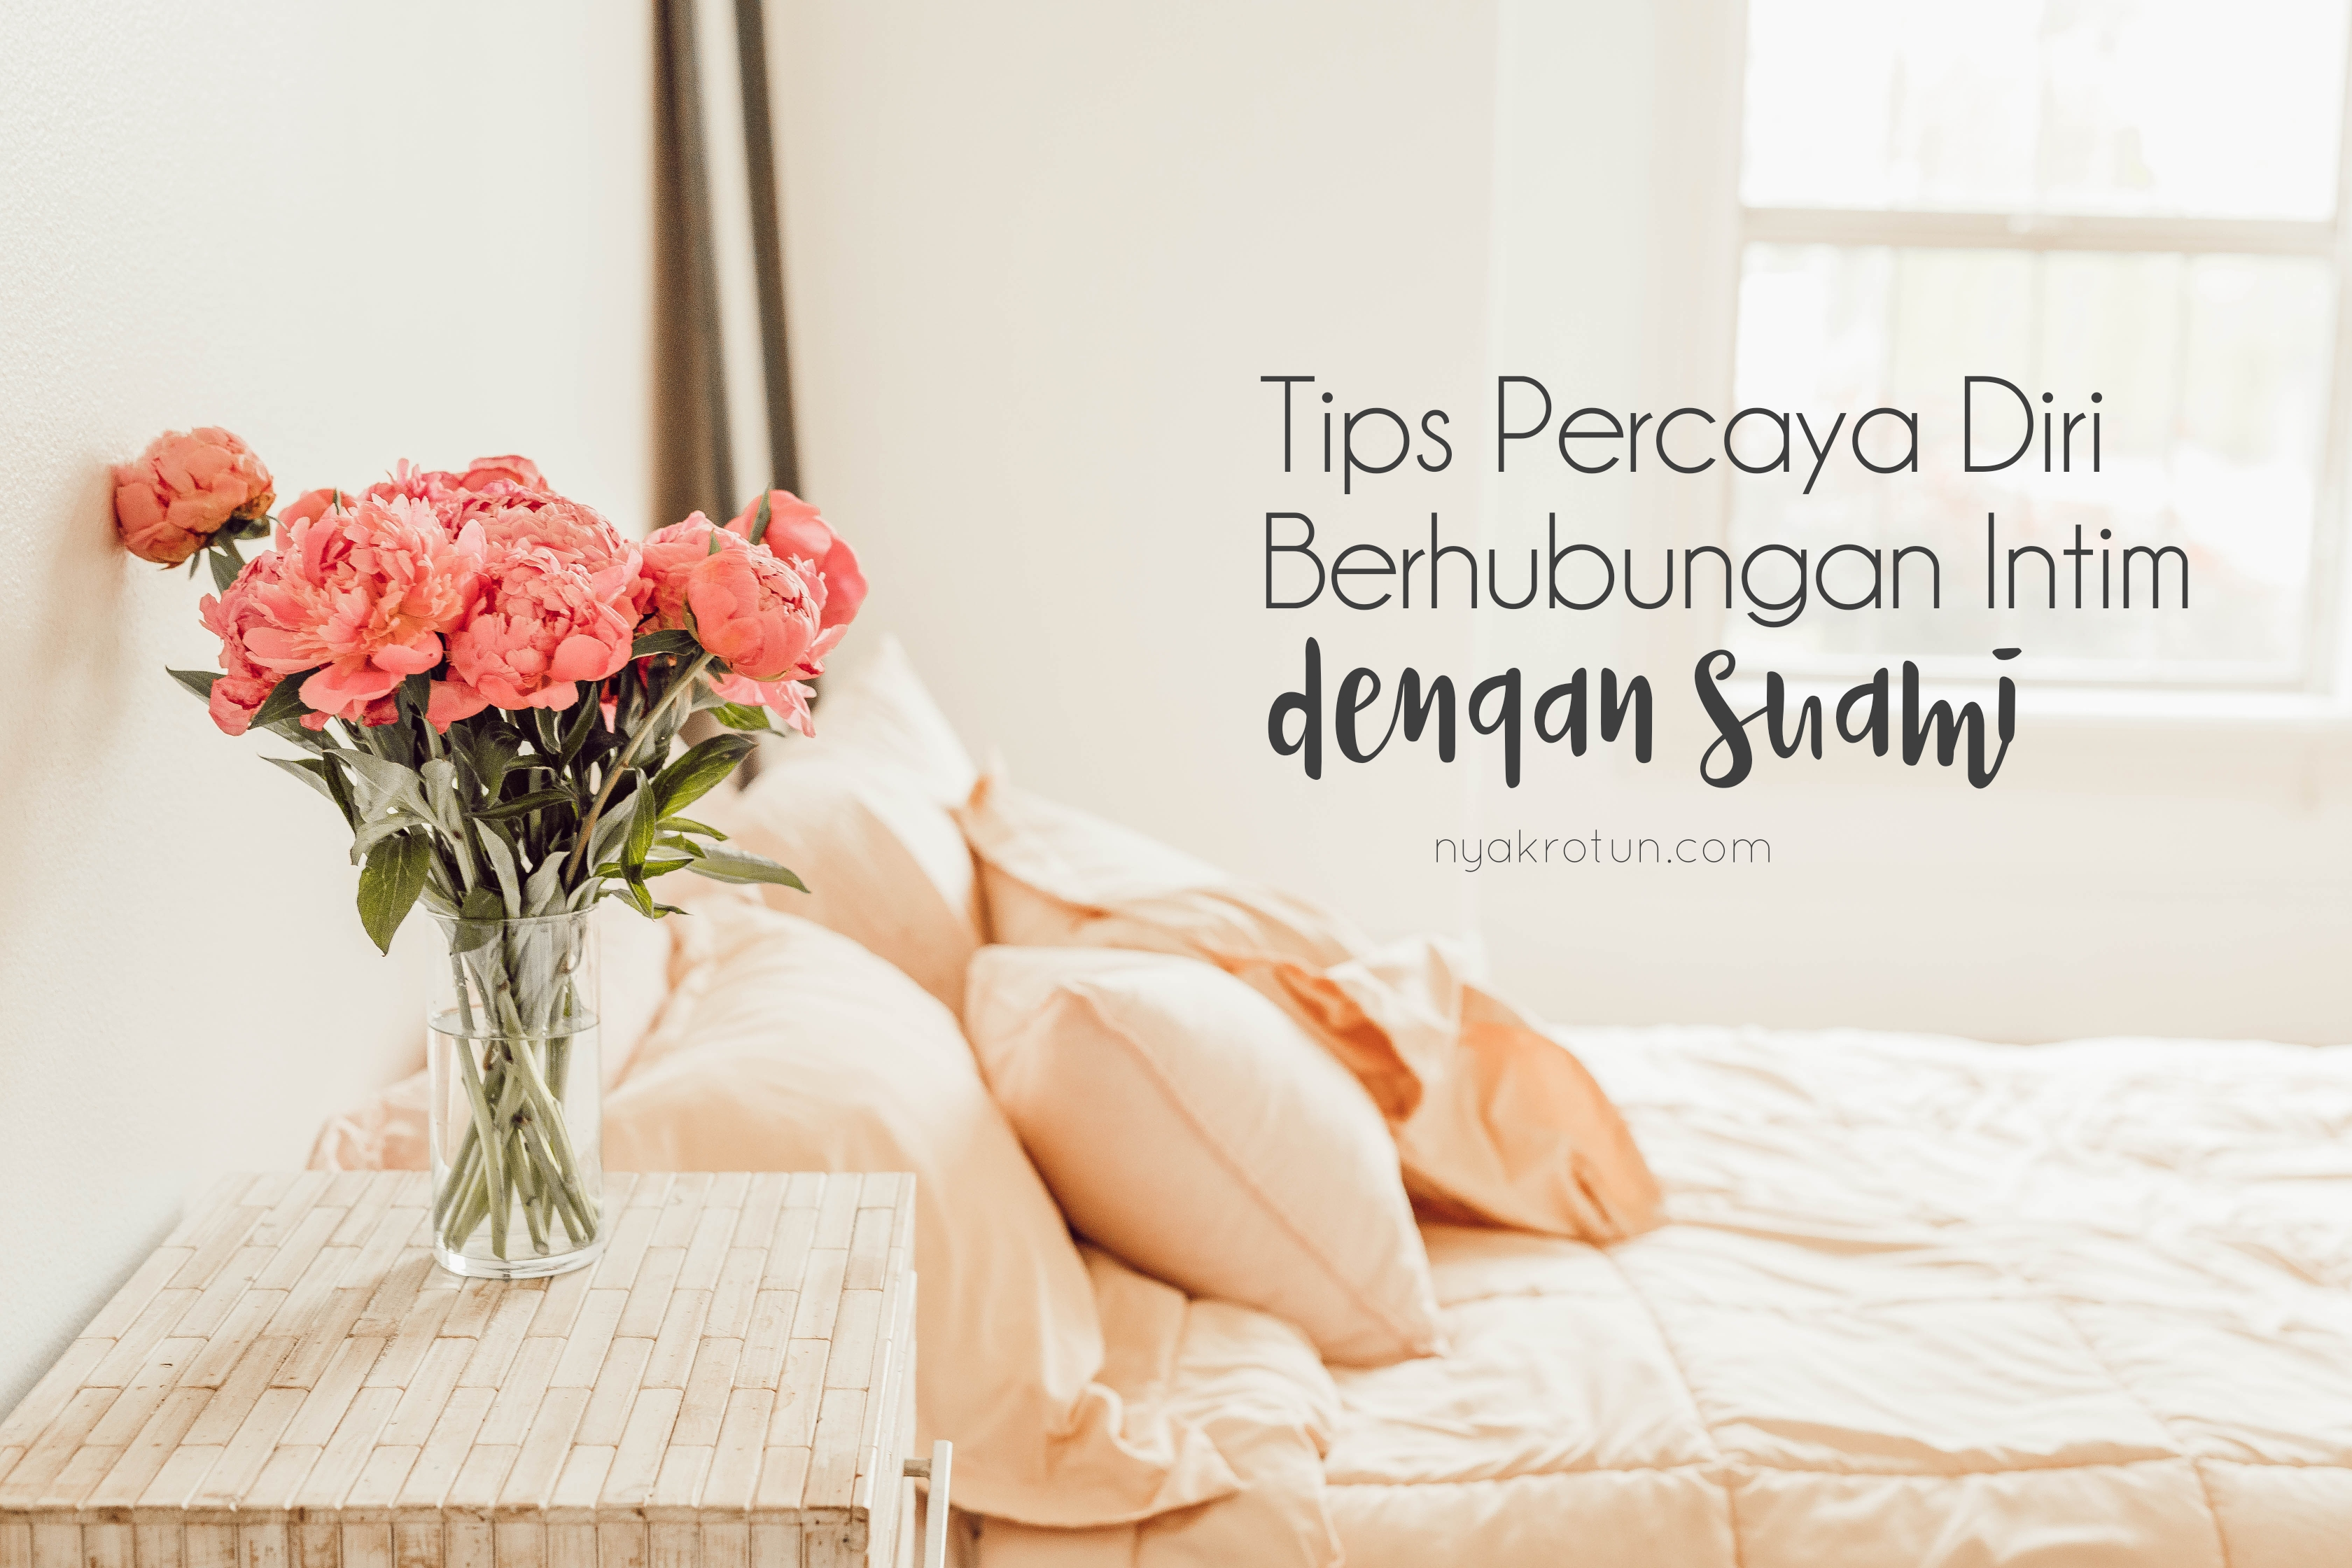 tips percaya diri berhubungan intim dengan suami